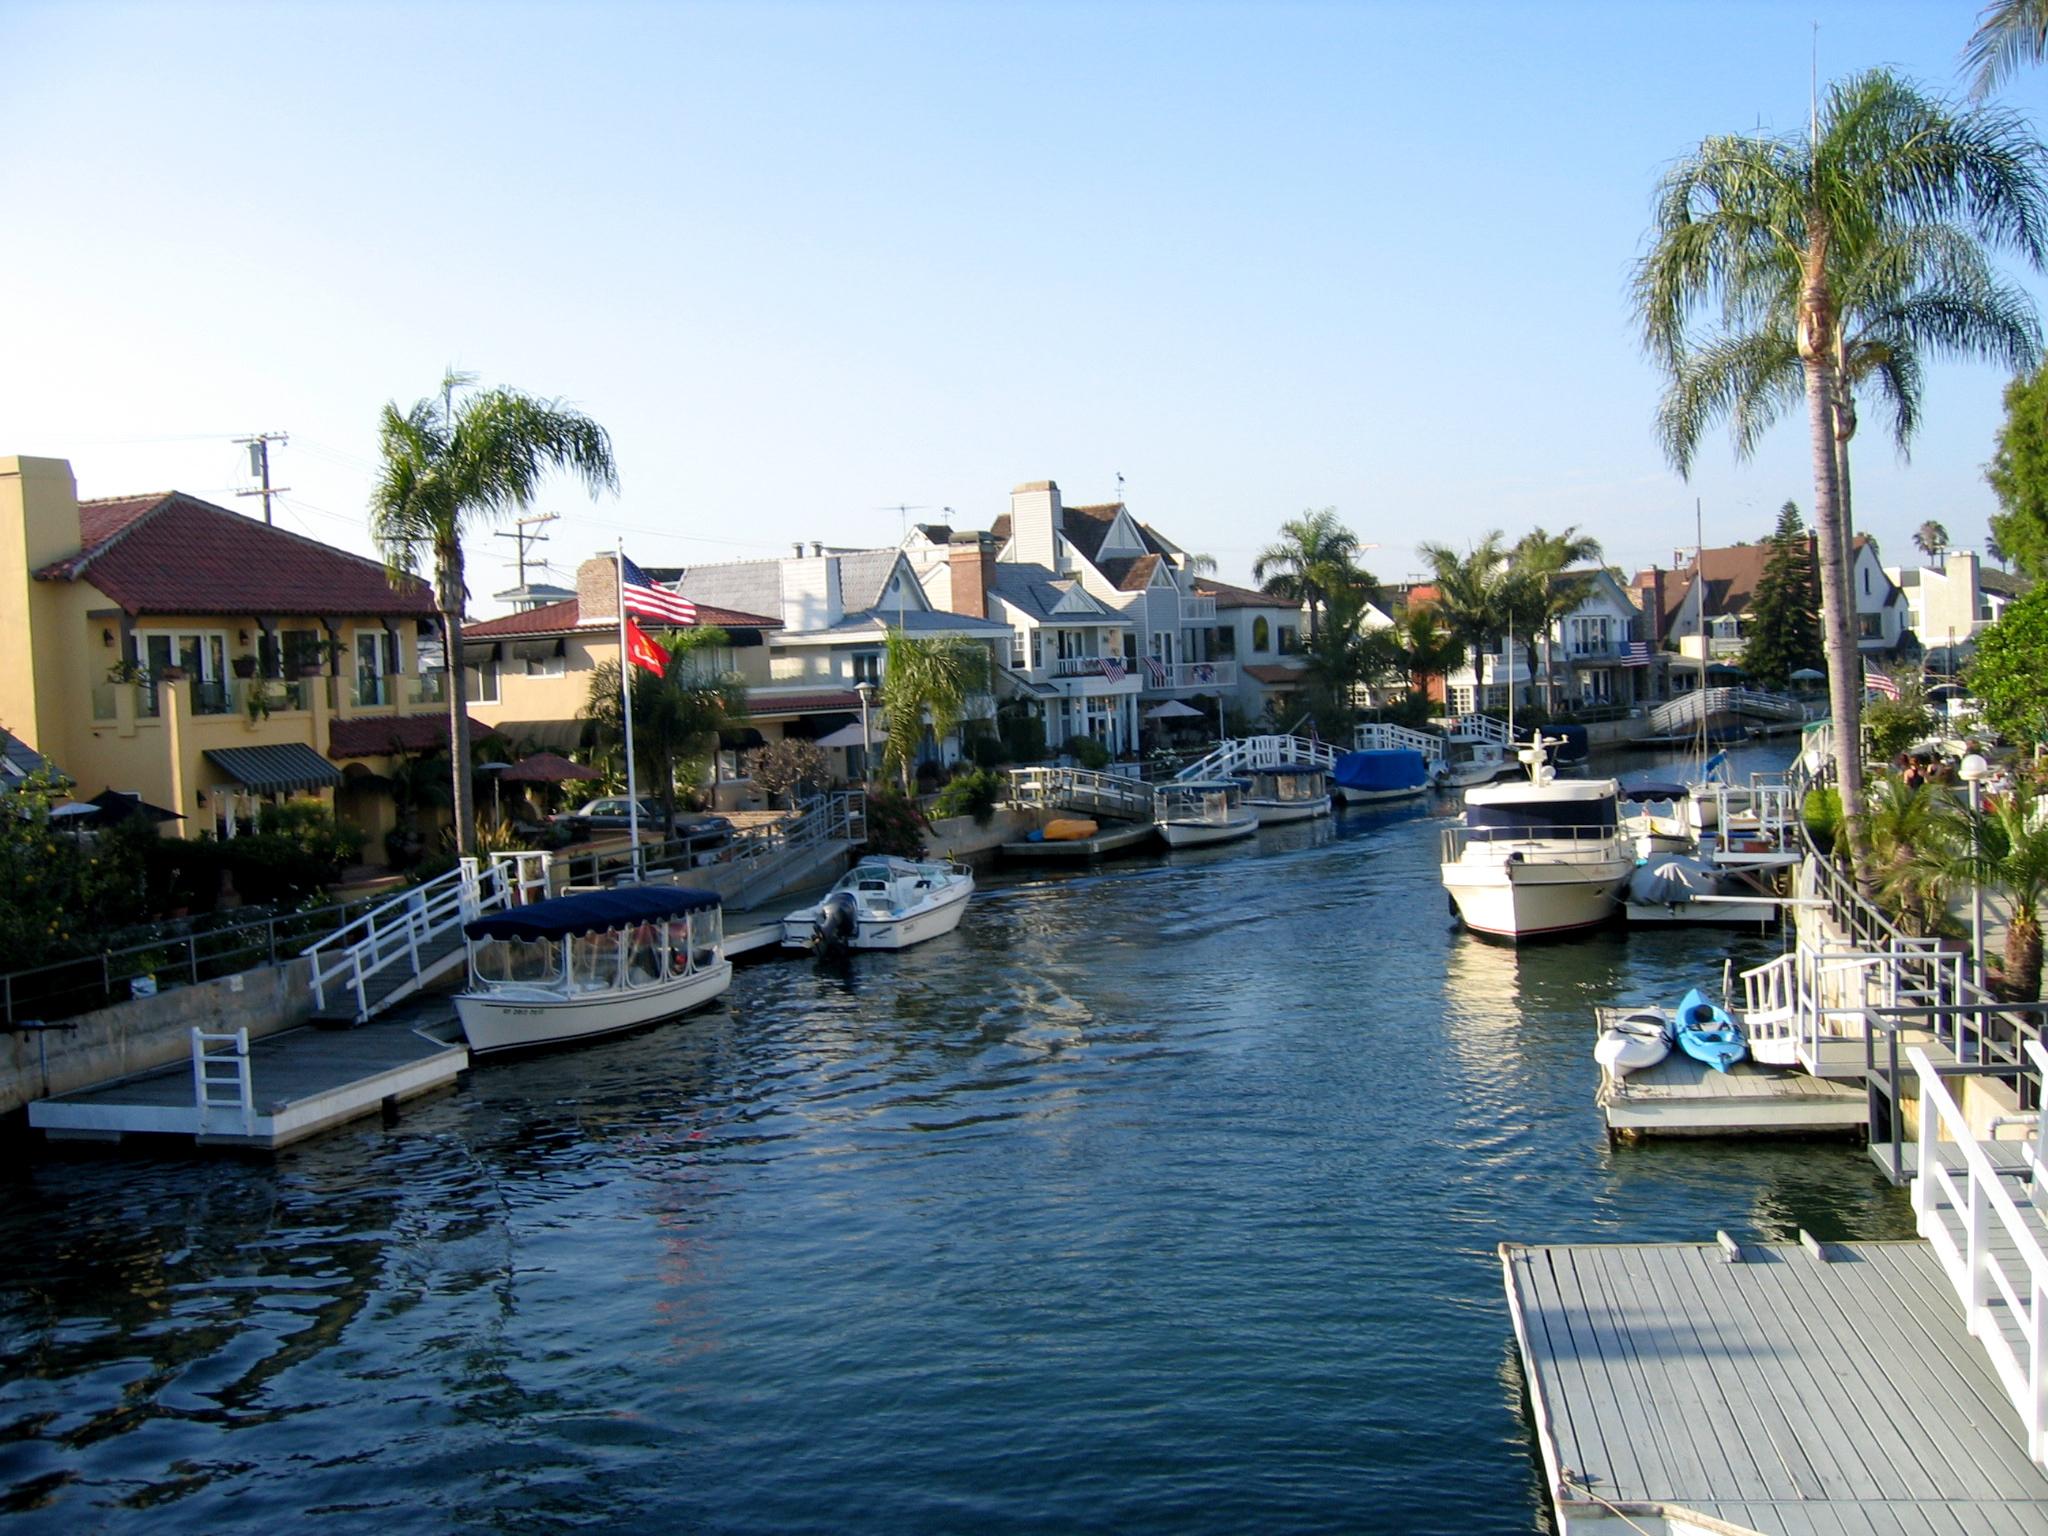 ein Haus mit Zugang zum Golf von Mexico ?   Suche Immobilie mit Wasser-Zugang